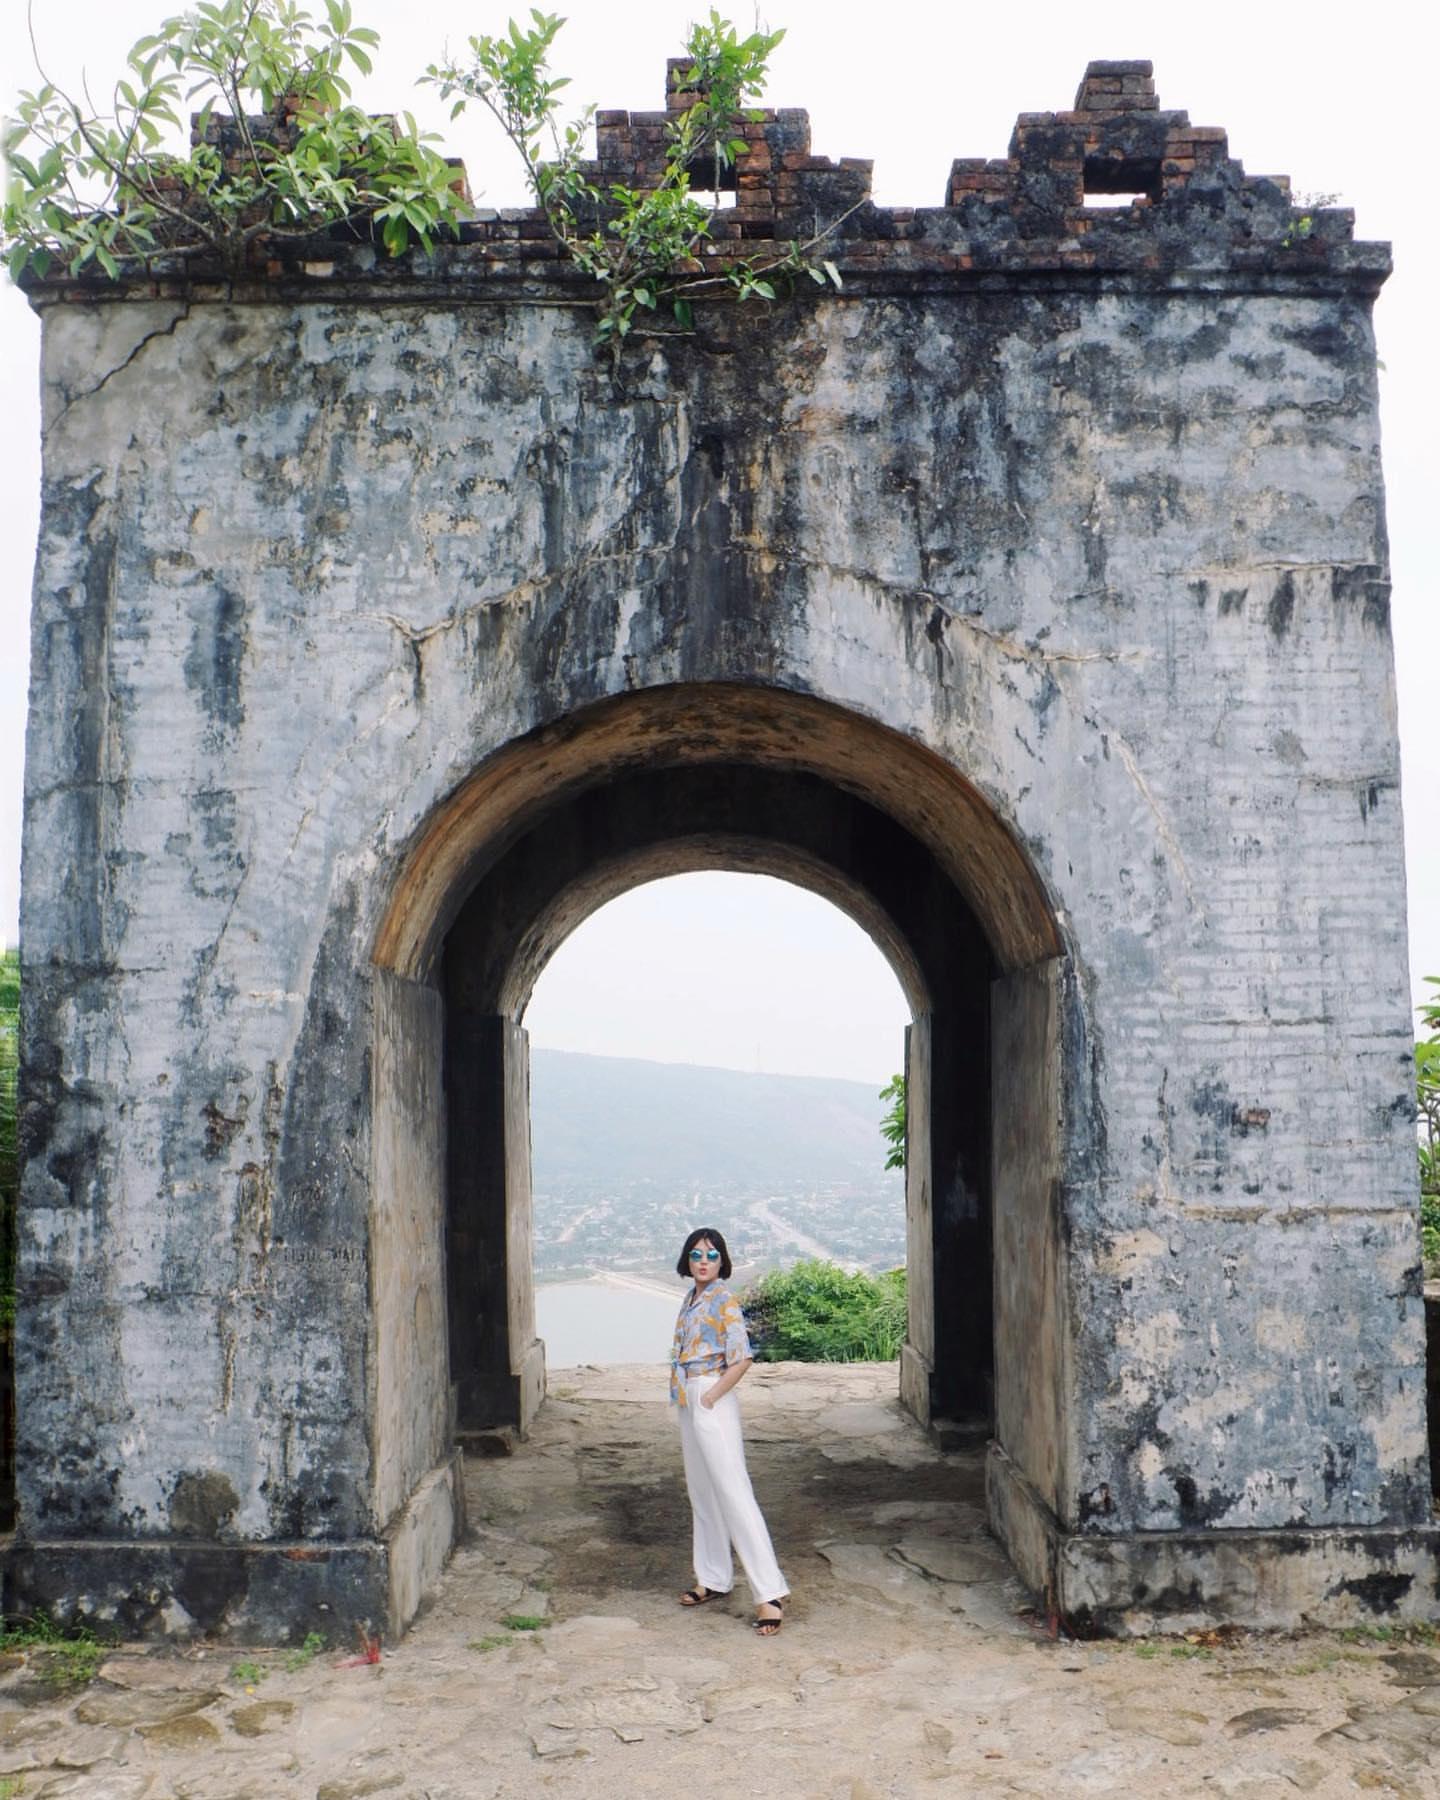 Đèo Ngang – Hoành Sơn Quan